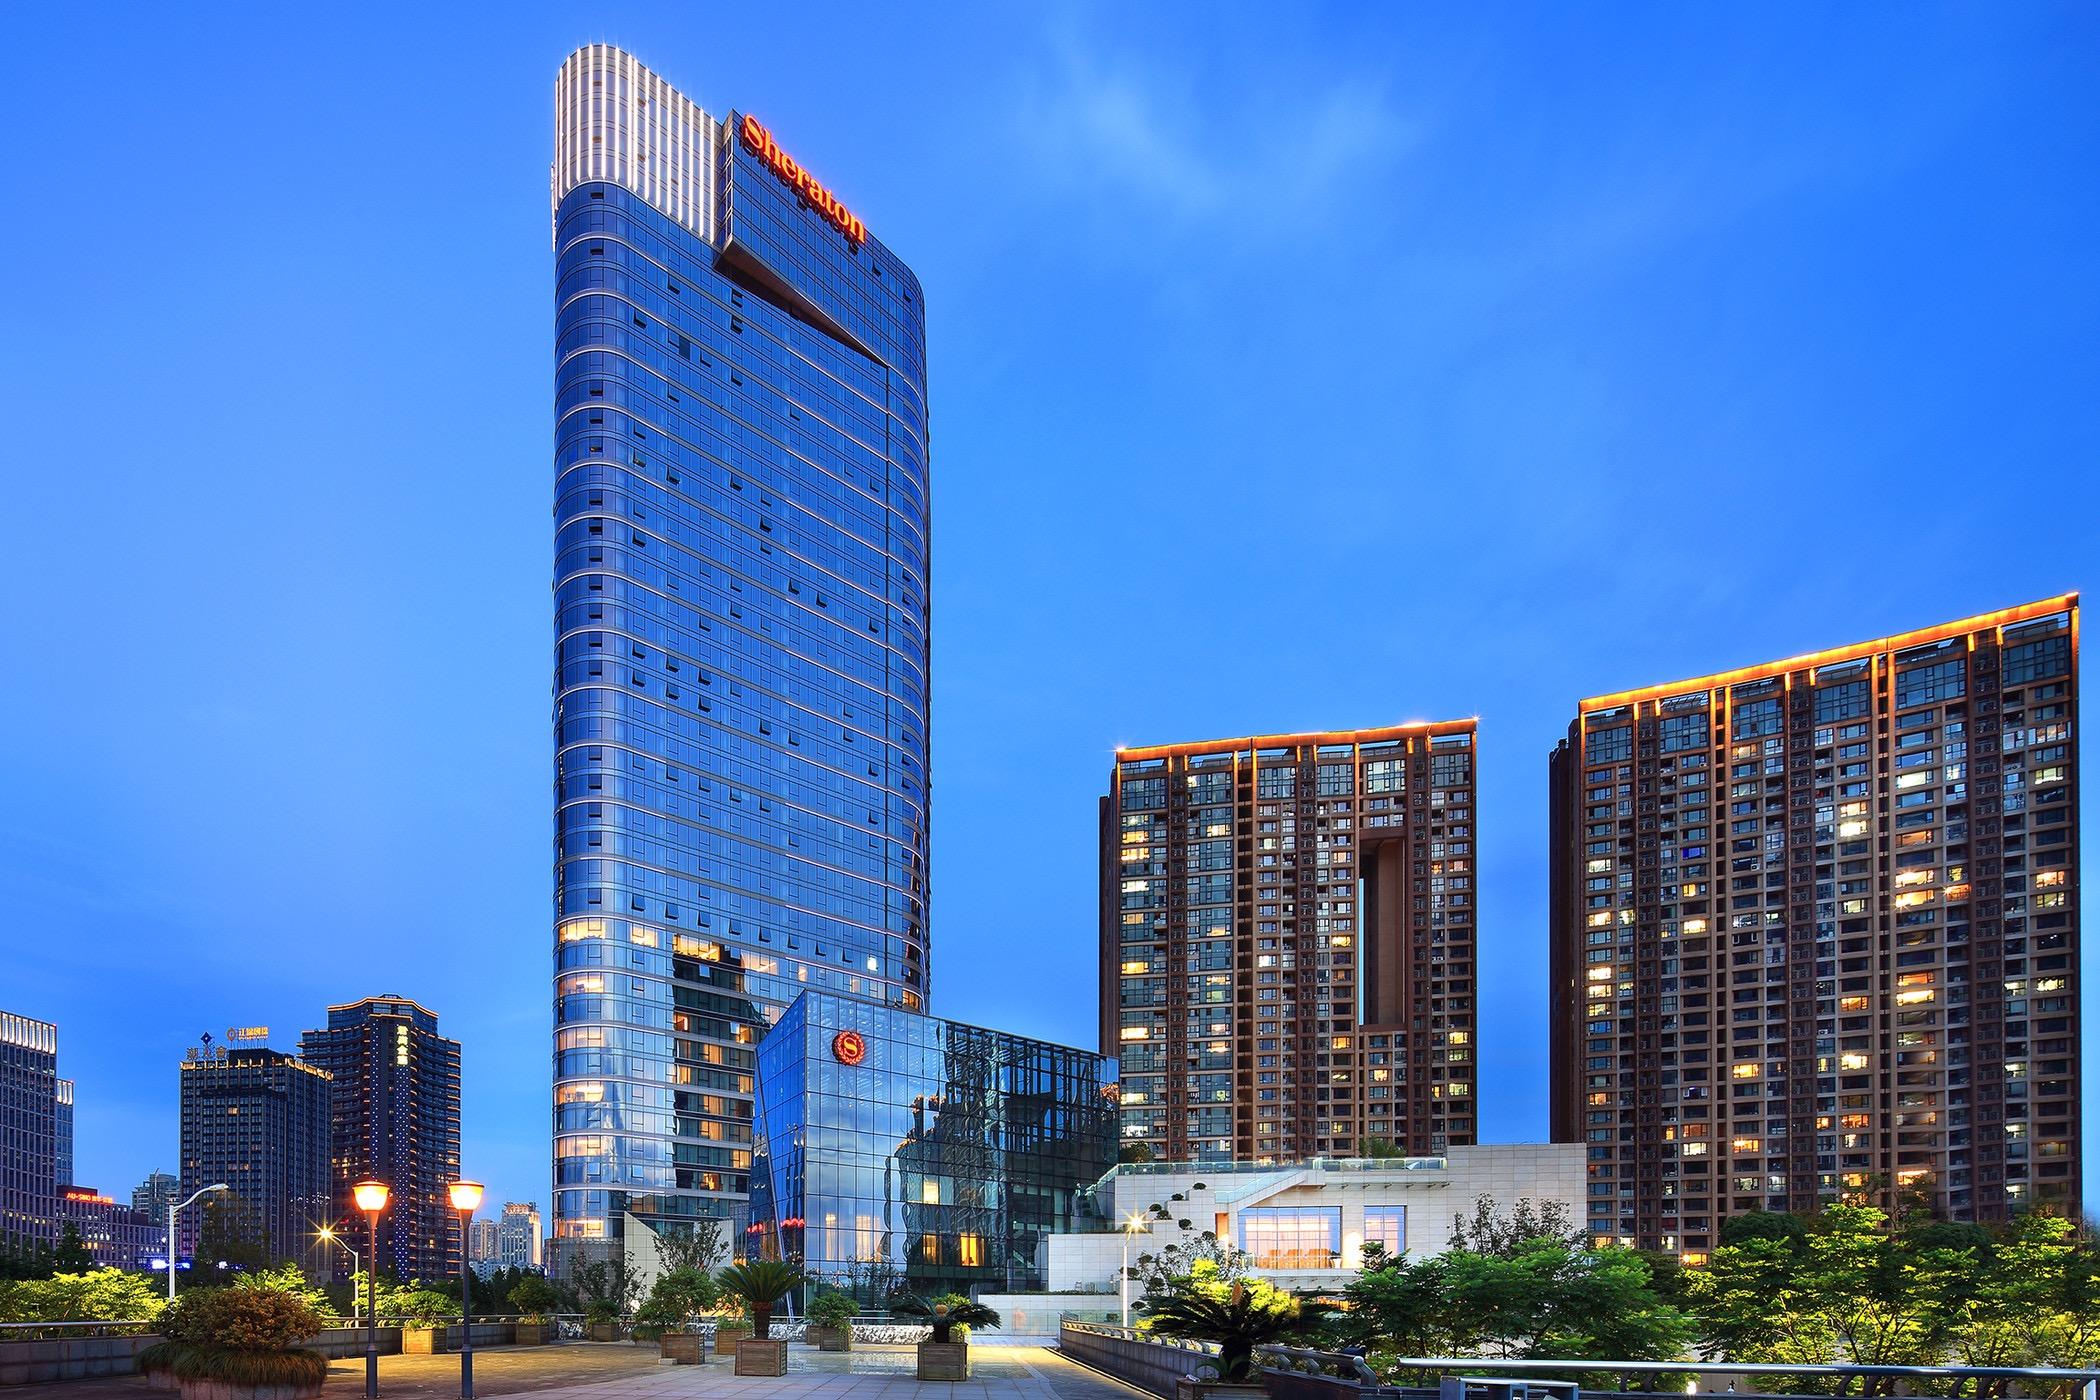 杭州滨江银泰喜来登大酒店